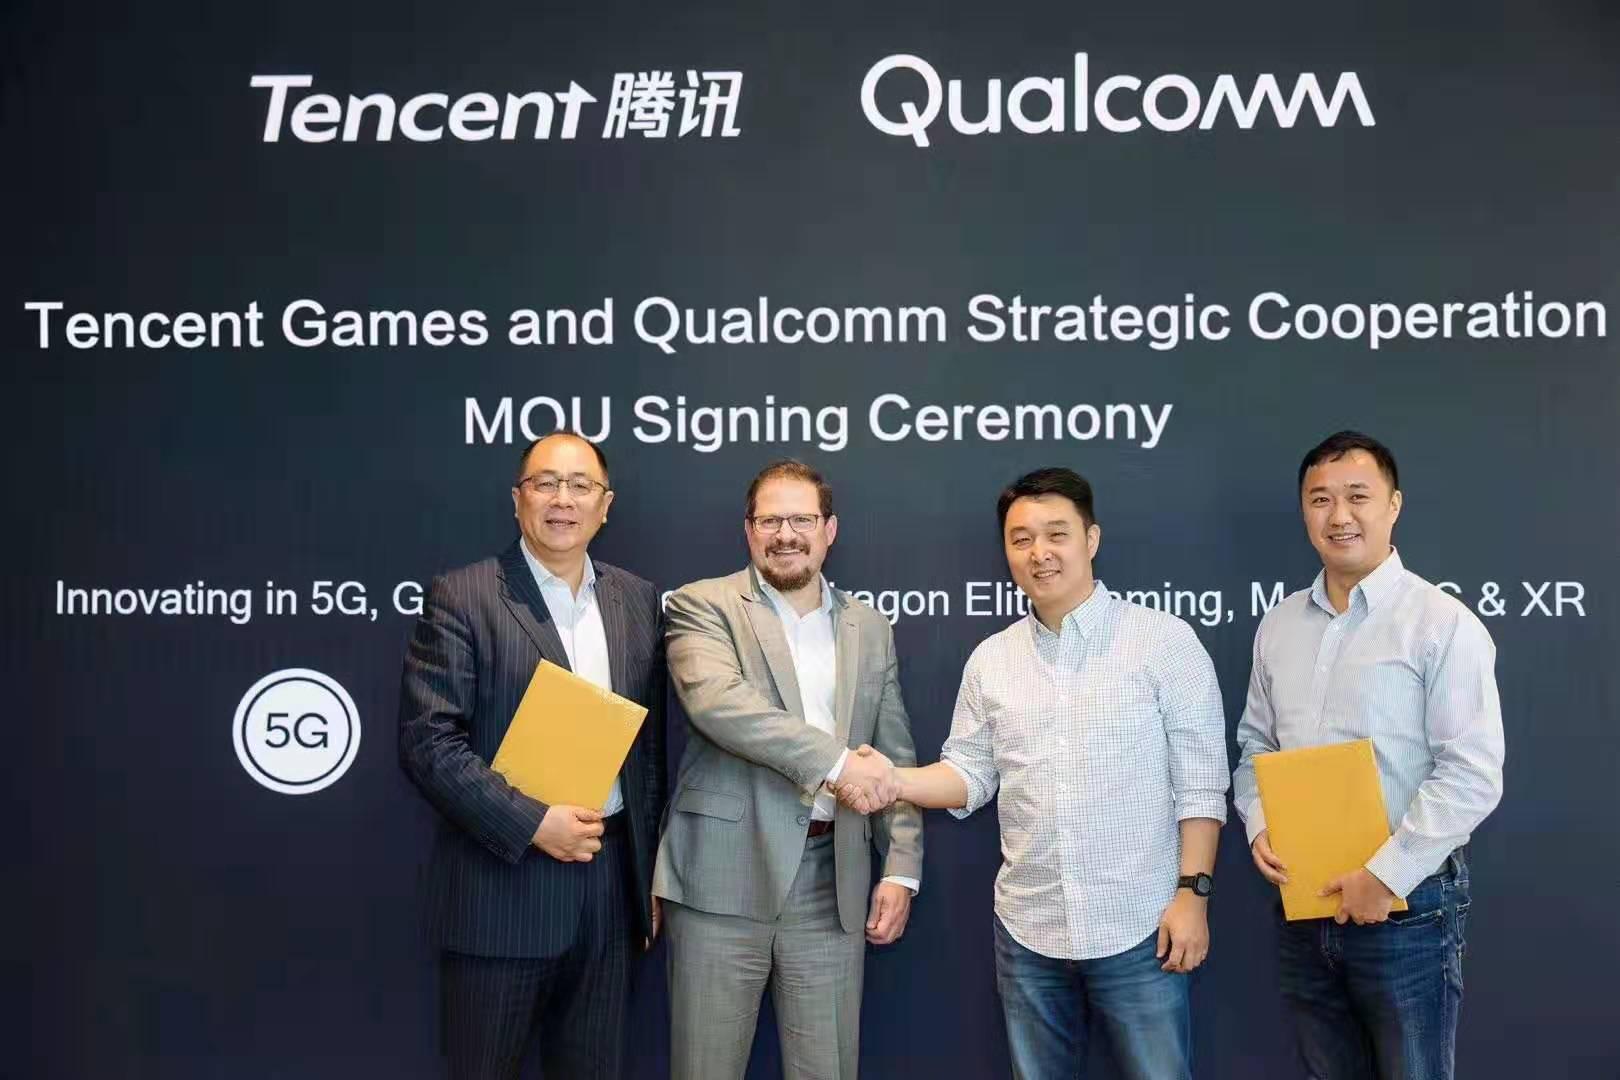 腾讯携手高通在手游、5G领域合作 将开发5G游戏手机